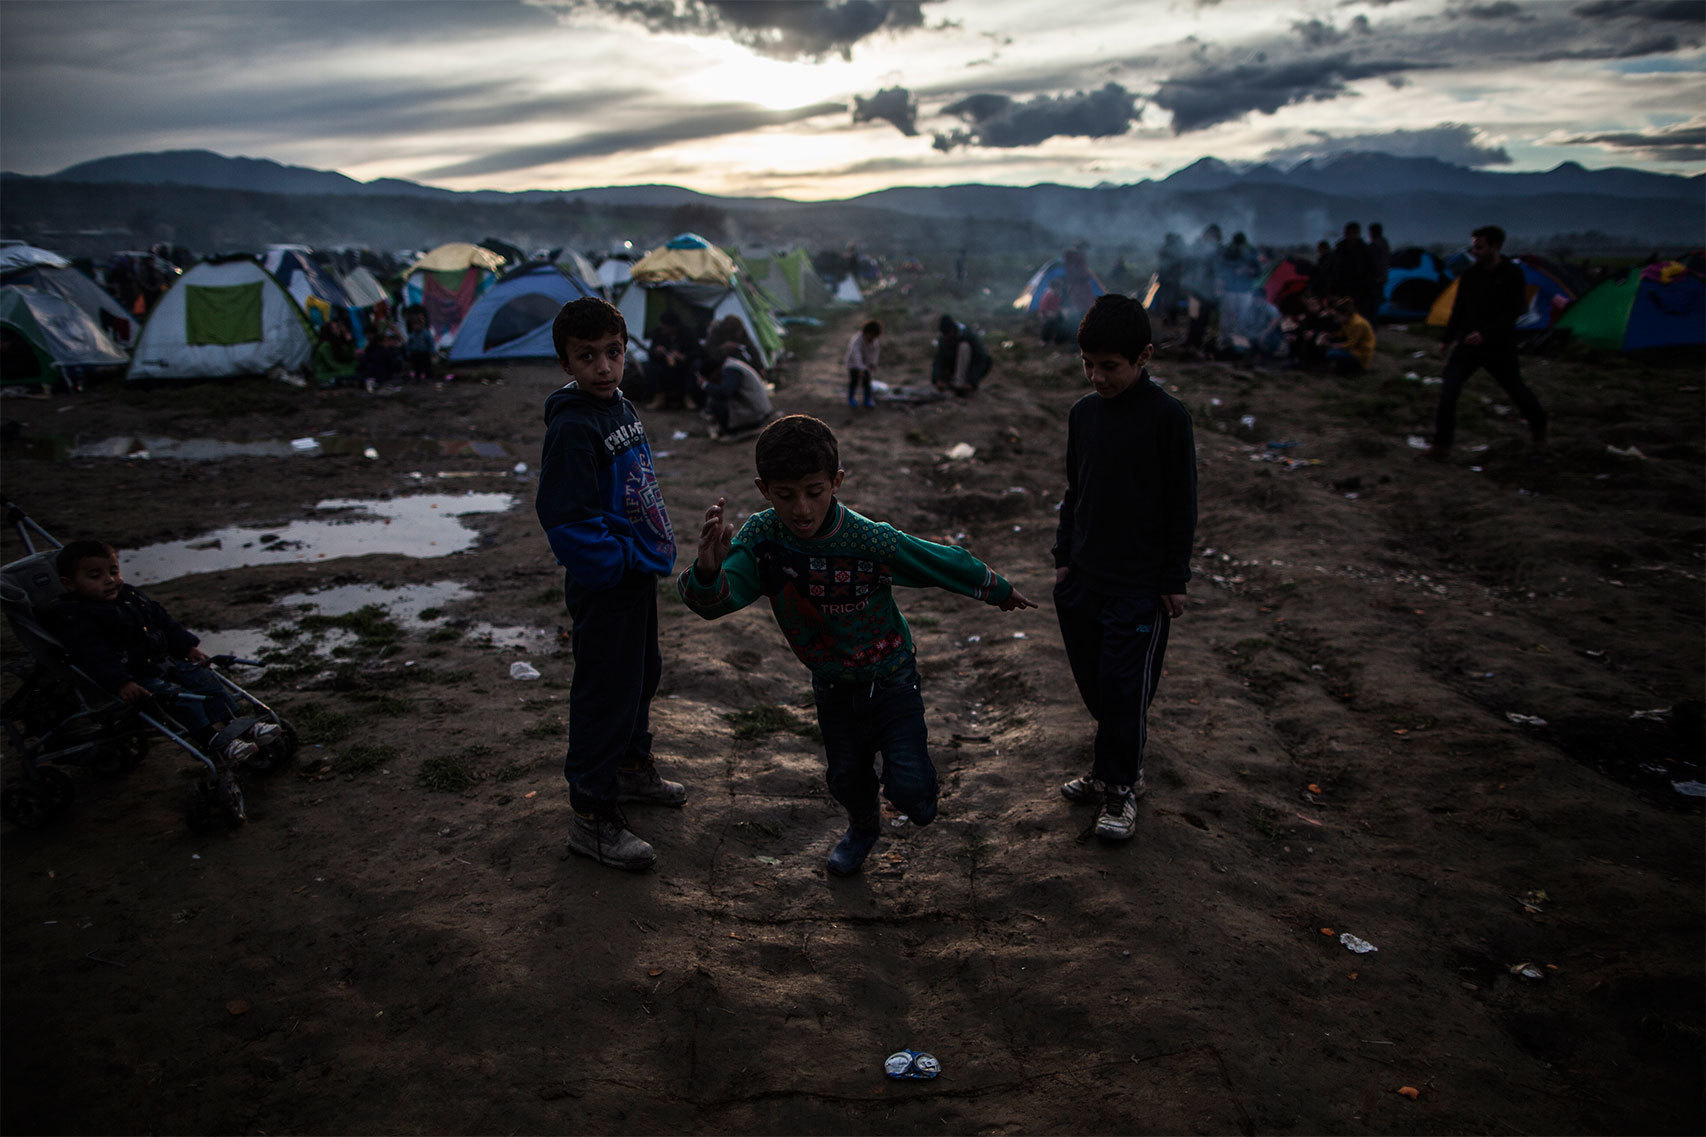 Niños juegan en medio del barro.